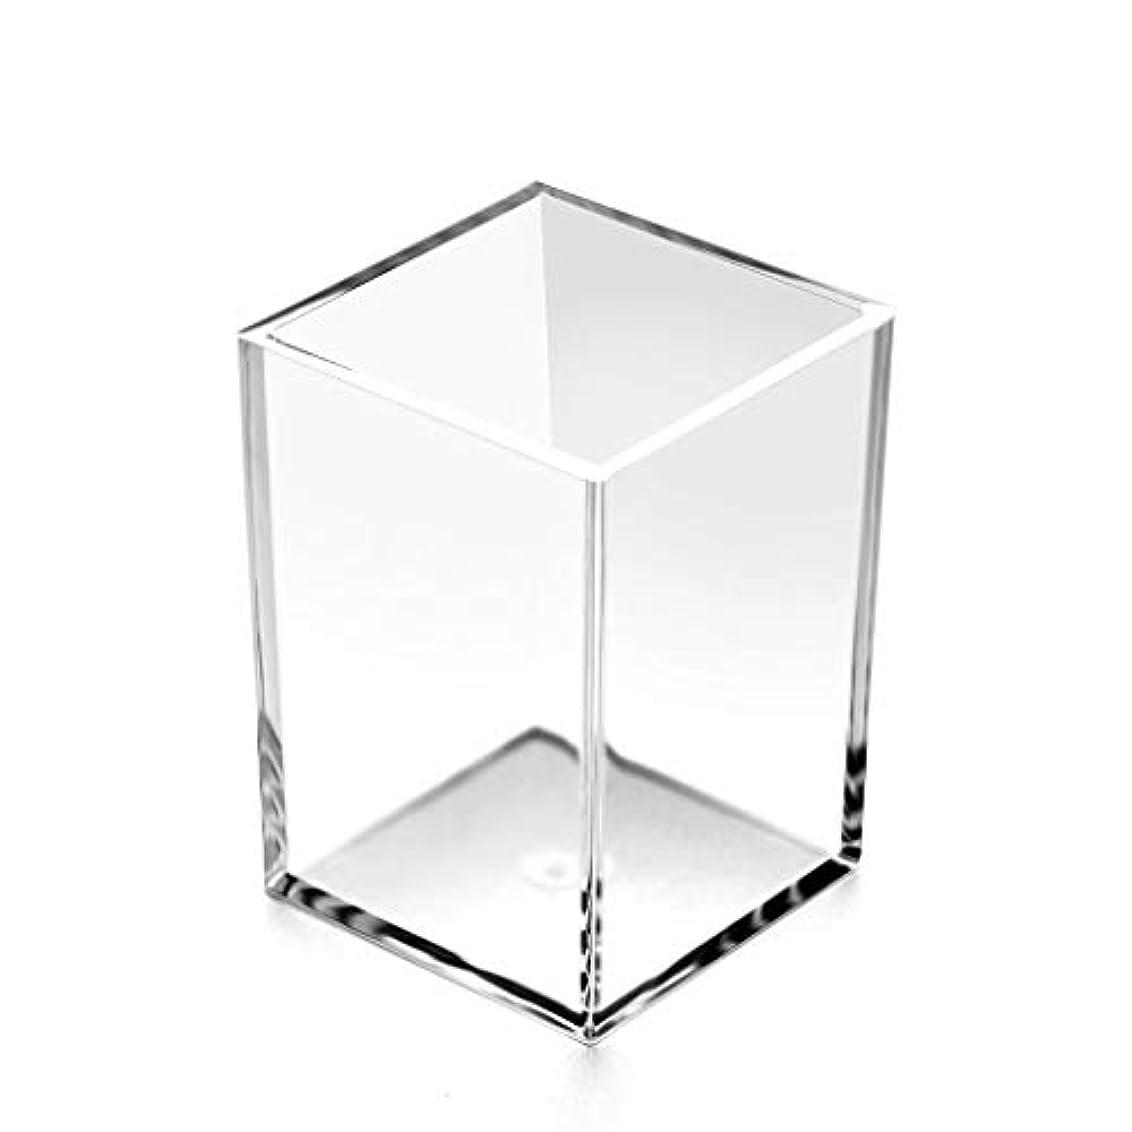 主ランチインクRiLiKu アクリルペン立て 鉛筆ホルダー 透明 卓上文房具収納ボックス メイクブラシ収納ボックス